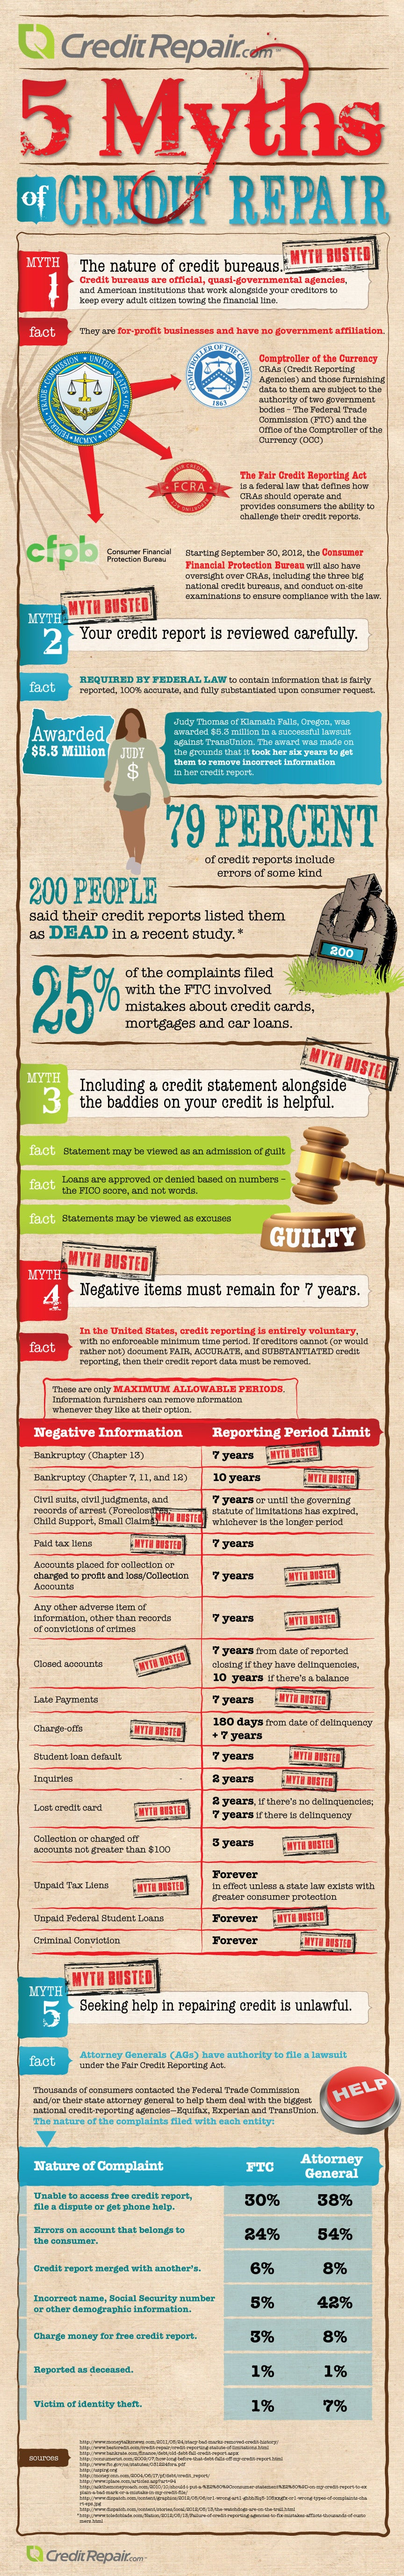 5 credit repair myths from CreditRepair.com